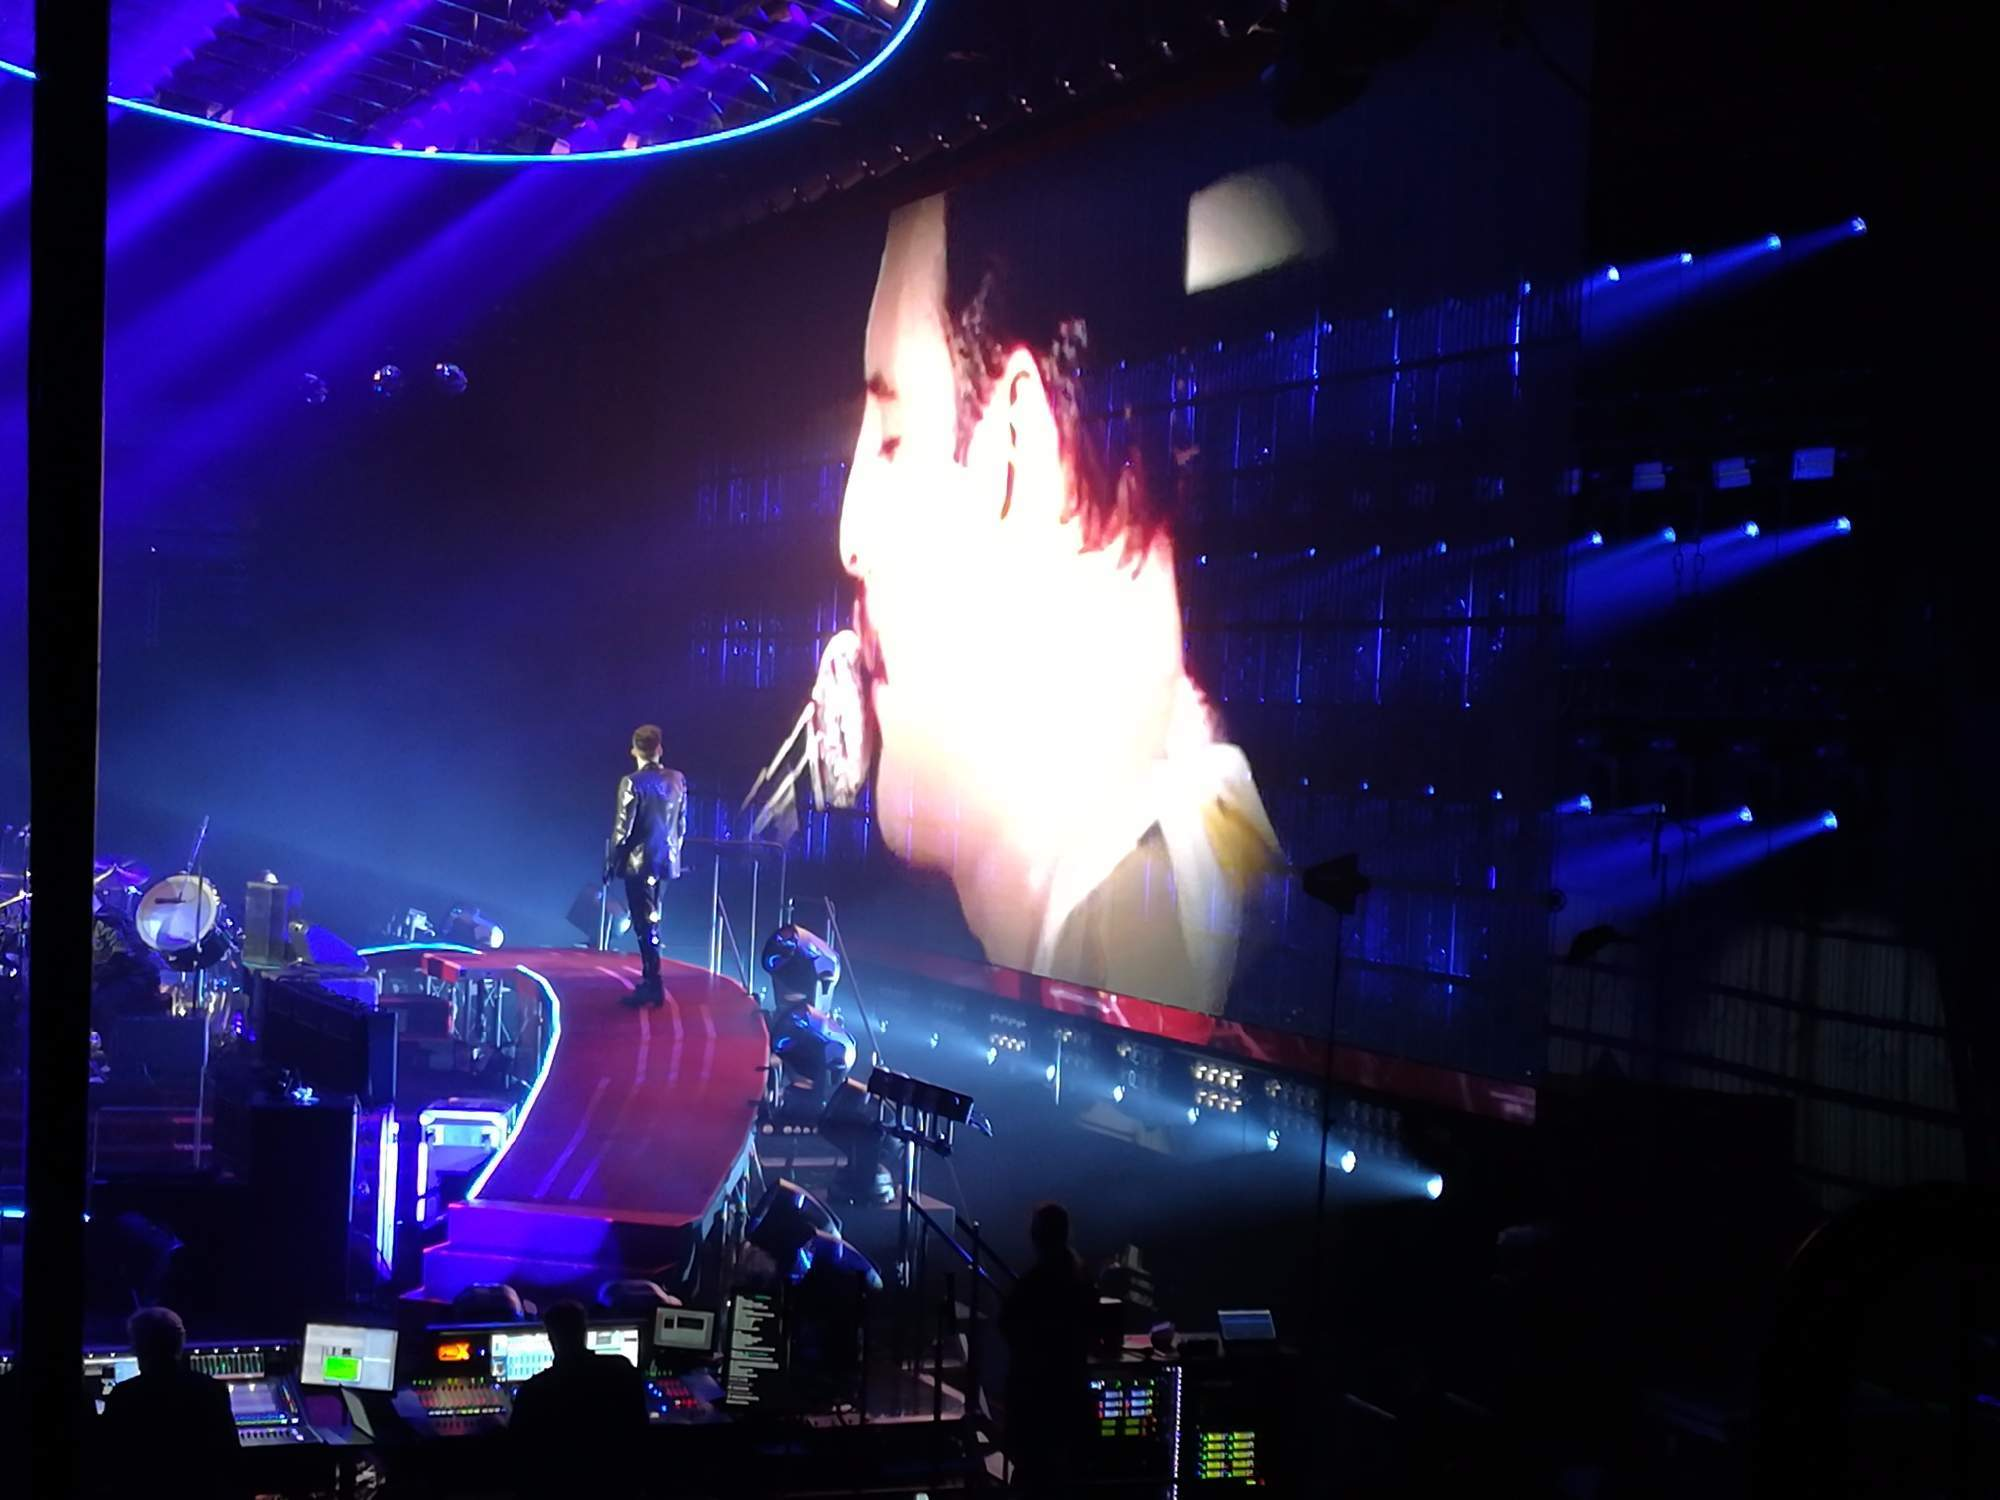 Vzpomínky na Mercuryho jsou nedílnou součástí všech koncertů Queen. Foto: Radim Ptáček